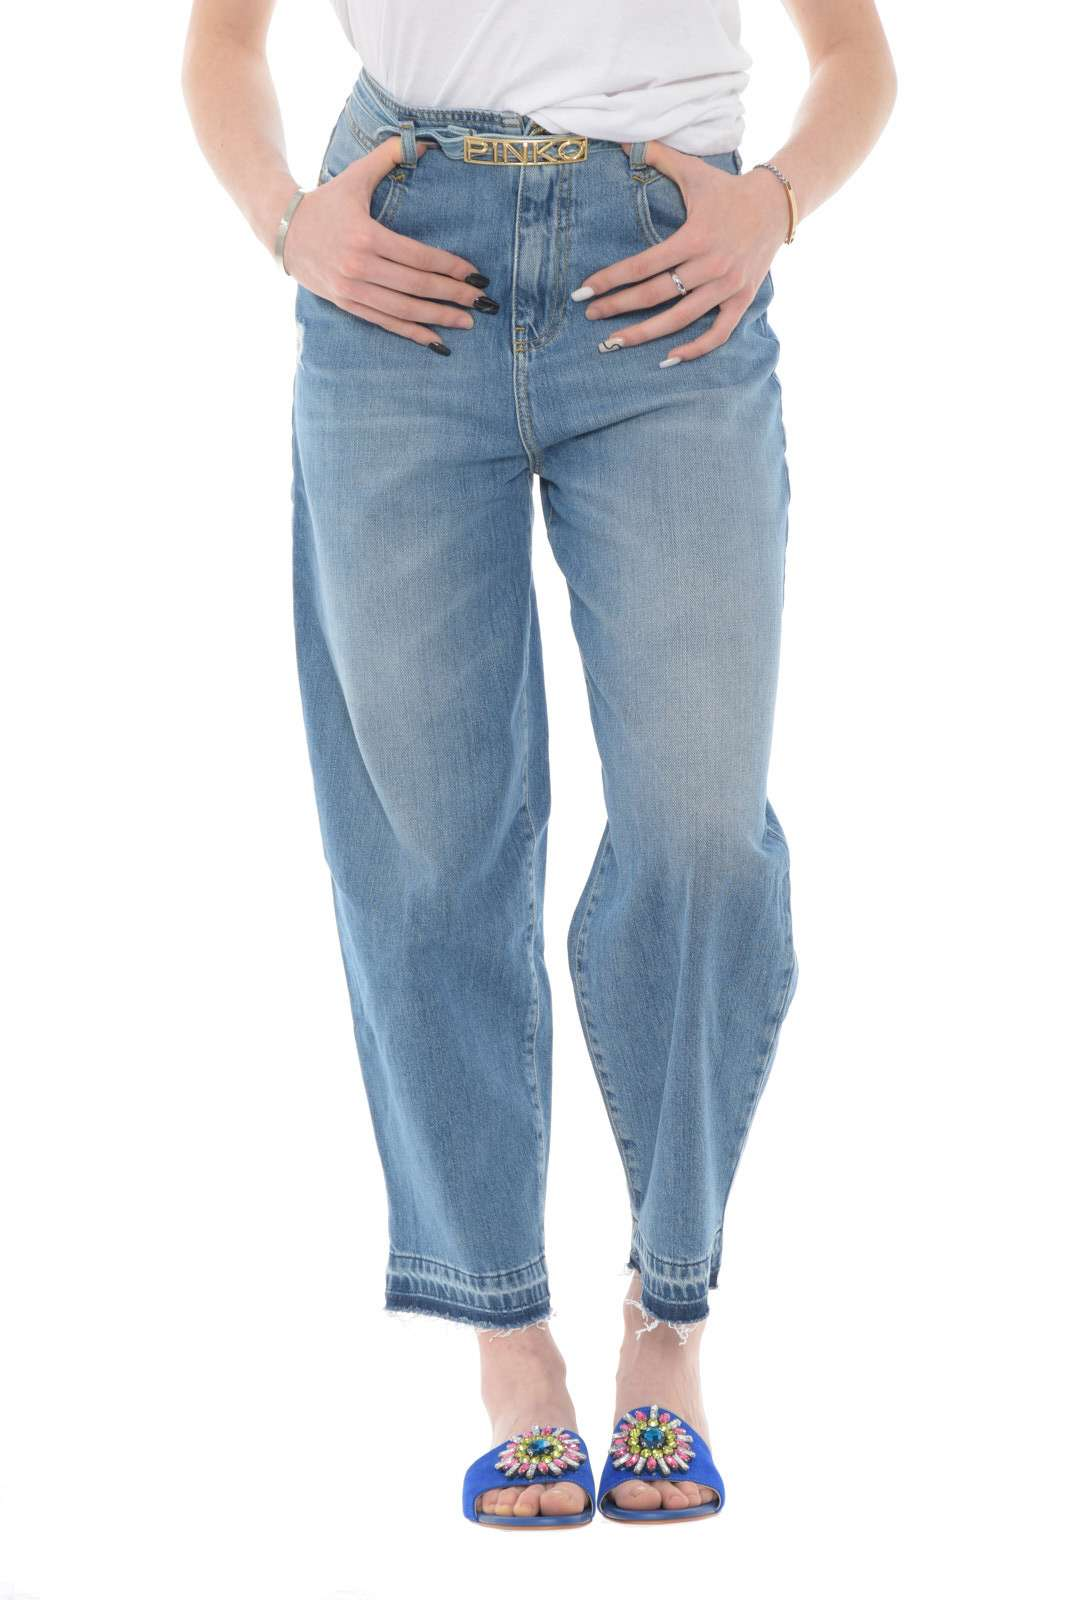 Un jeans di tendenza dal revival anni 90 per la collezione donna Pinko. Caratterizzato dalla vita alta e dalla vestibilità egg, è un must di stagione da abbinare sia con un top che con una camicia. Impreziosito dall'esclusiva cintura con logo del brand è un capo glamour per eccellenza.